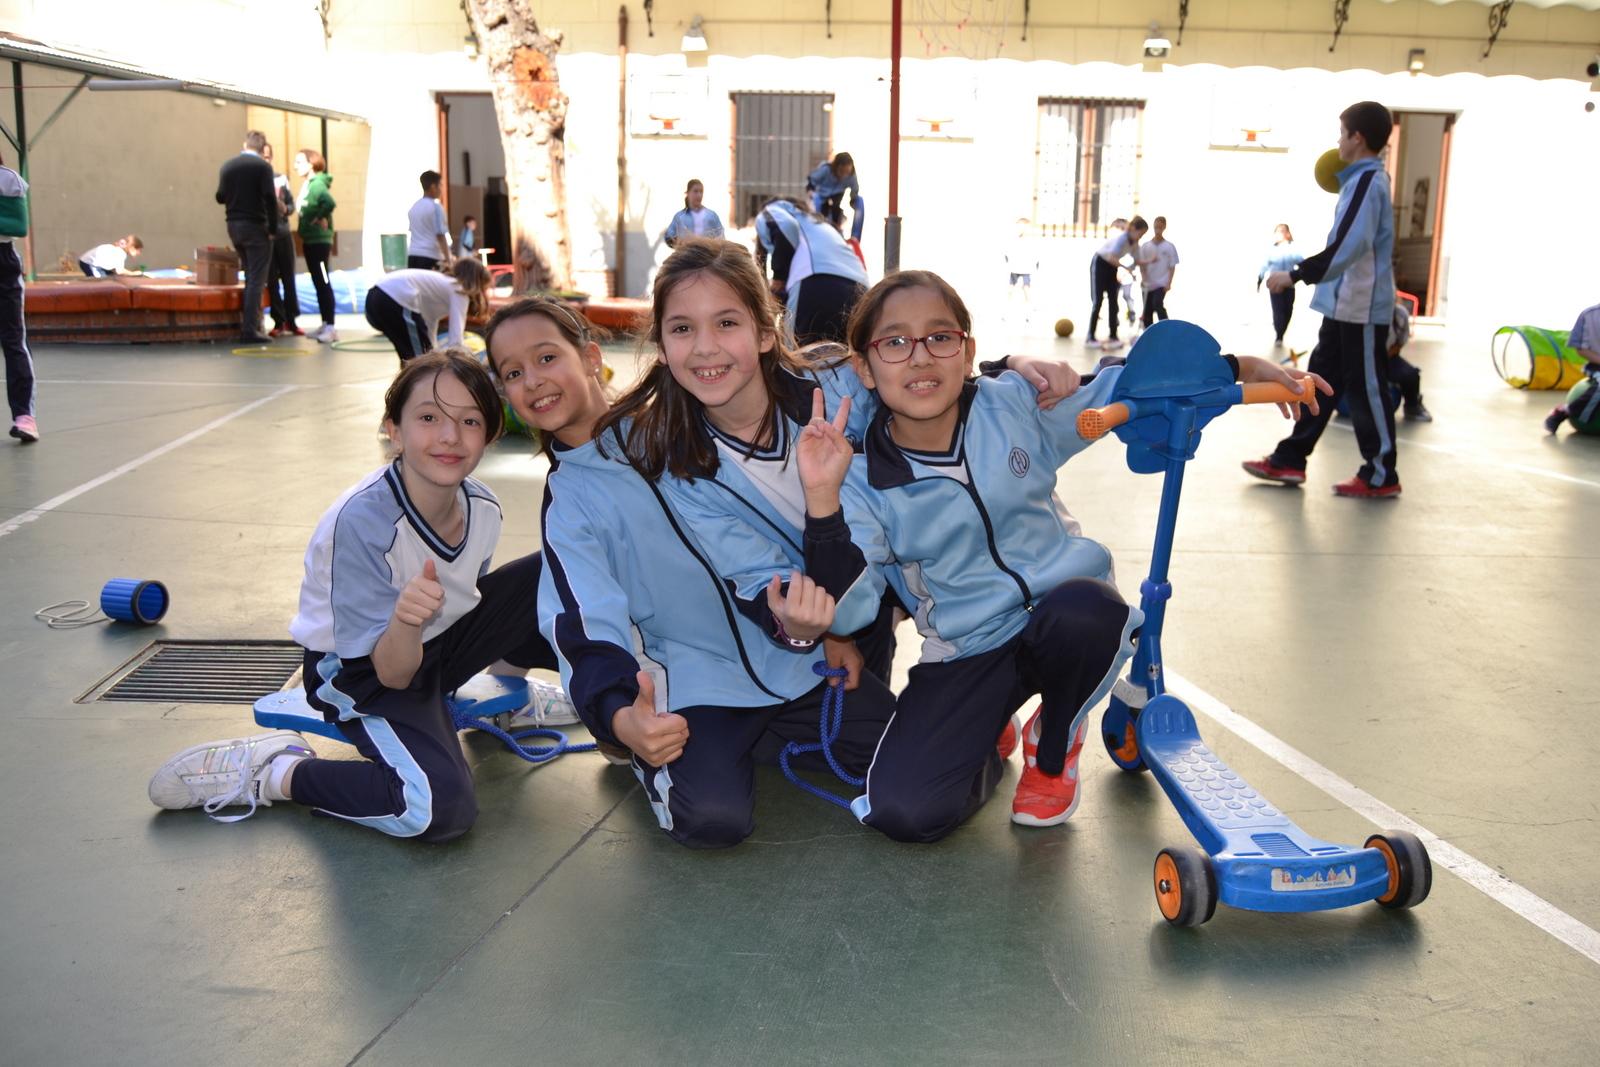 JORNADAS CULTURALES 2019: Juegos 3º y 4º Edu. Primaria 8